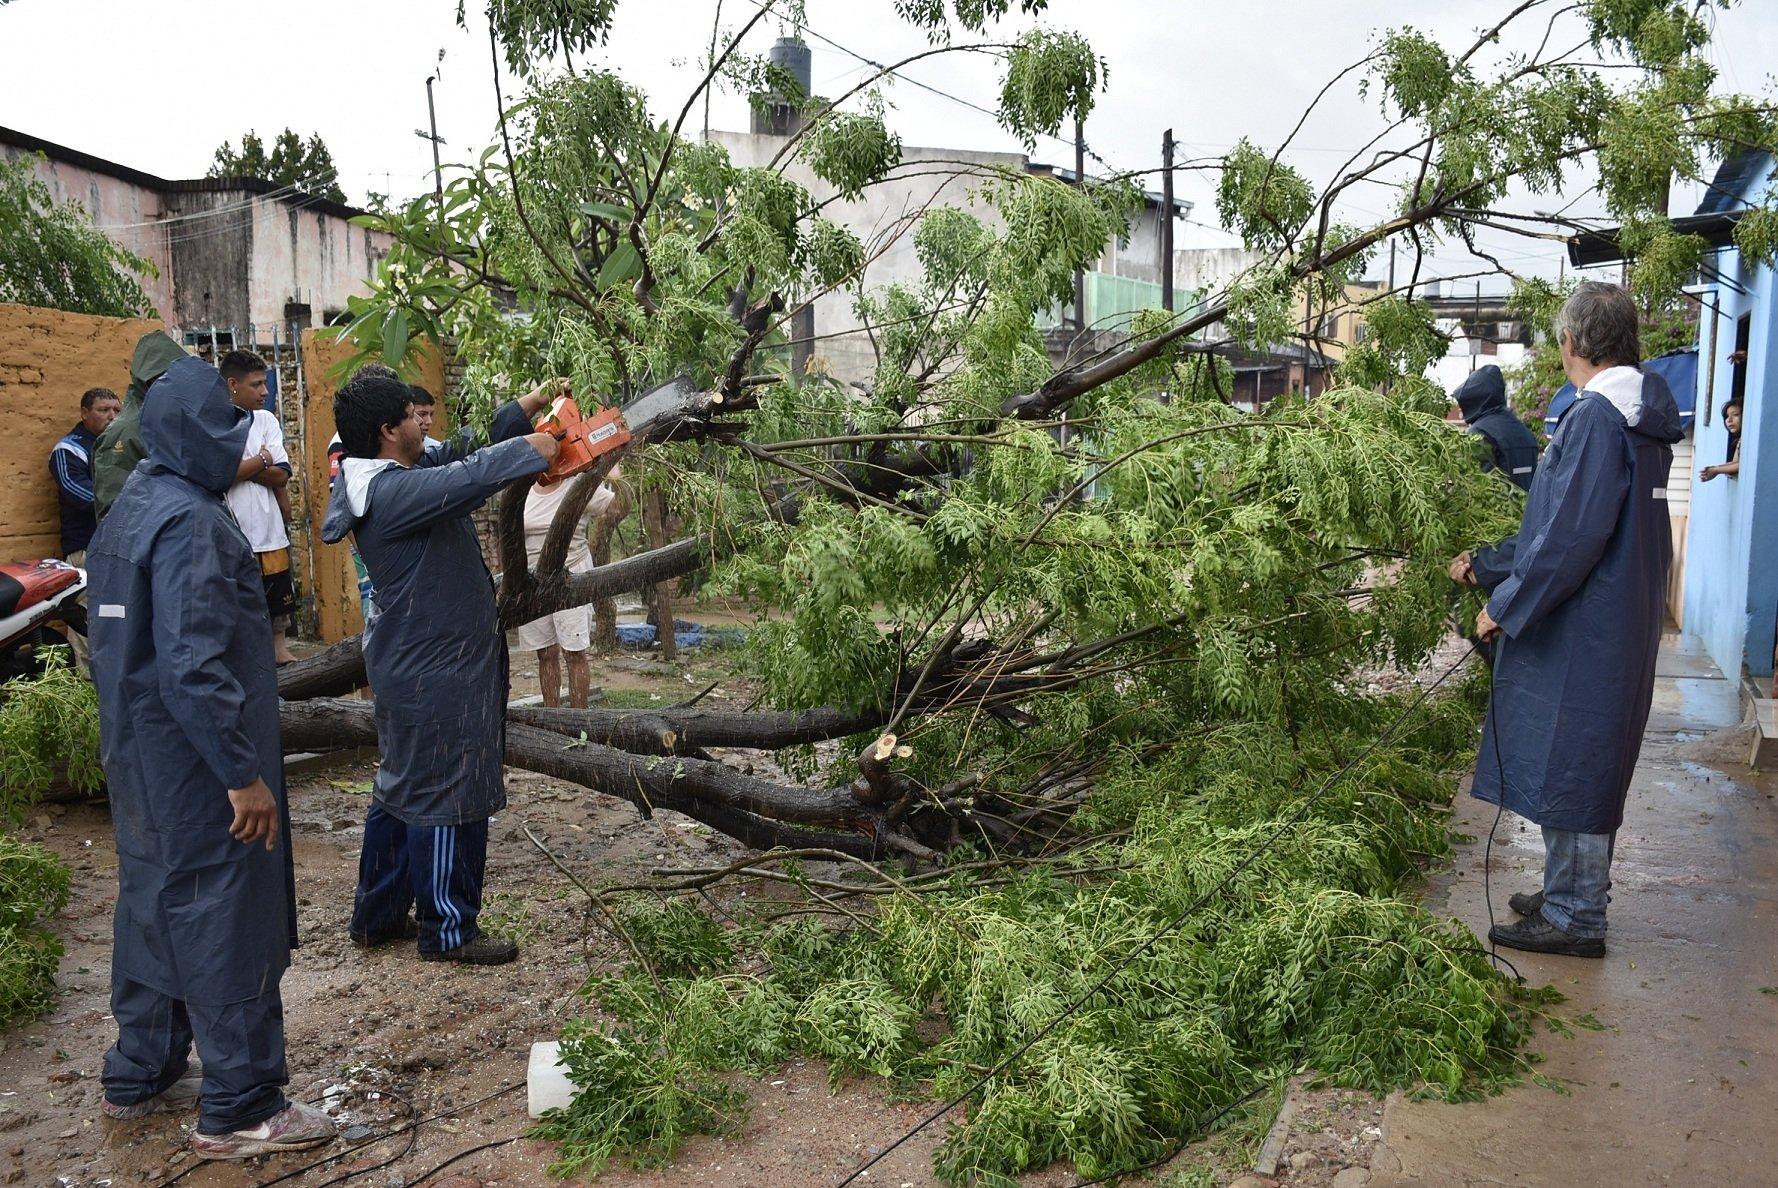 Rápida respuesta municipal: tras las intensas lluvias, el agua escurrió normalmente